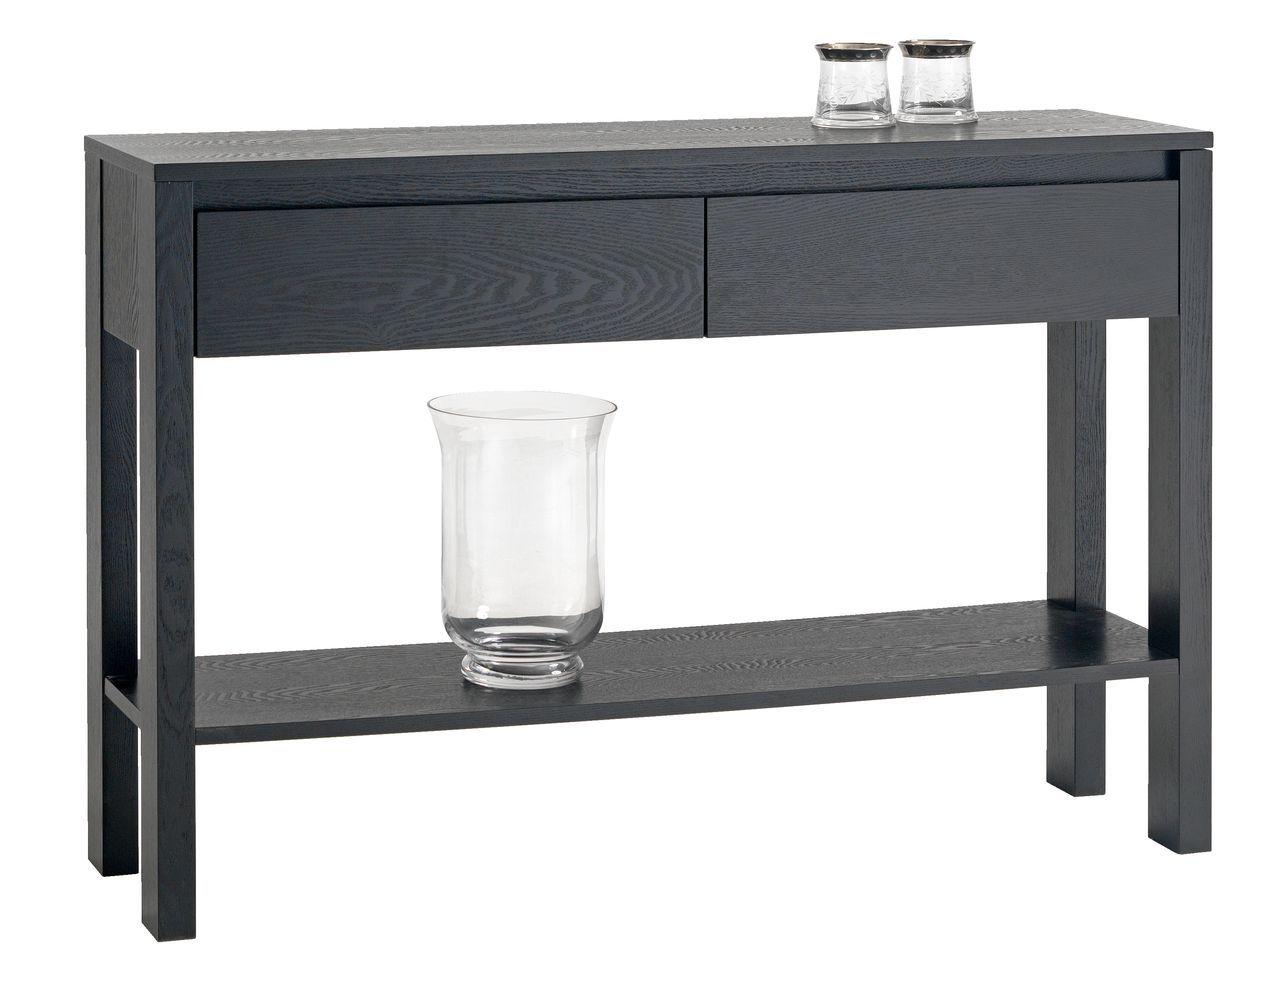 Groovy Konsollbord OKLAHOMA svart | JYSK | Stue | Konsollbord, Stue, Oklahoma WI-65